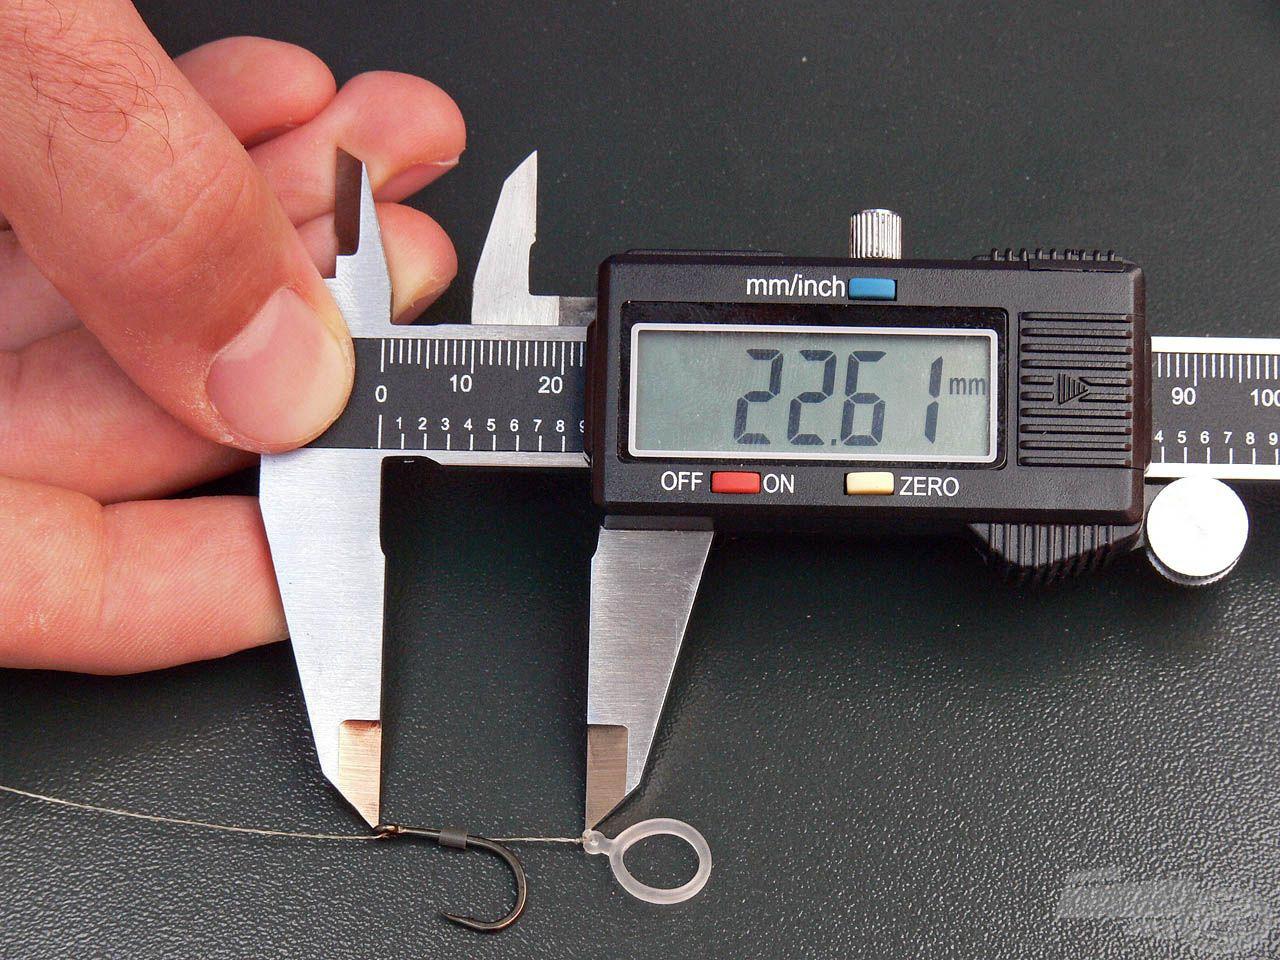 Ezzel kb. 2,2-2,3 centiméterre kalibráljuk a hajszálelőke hosszát